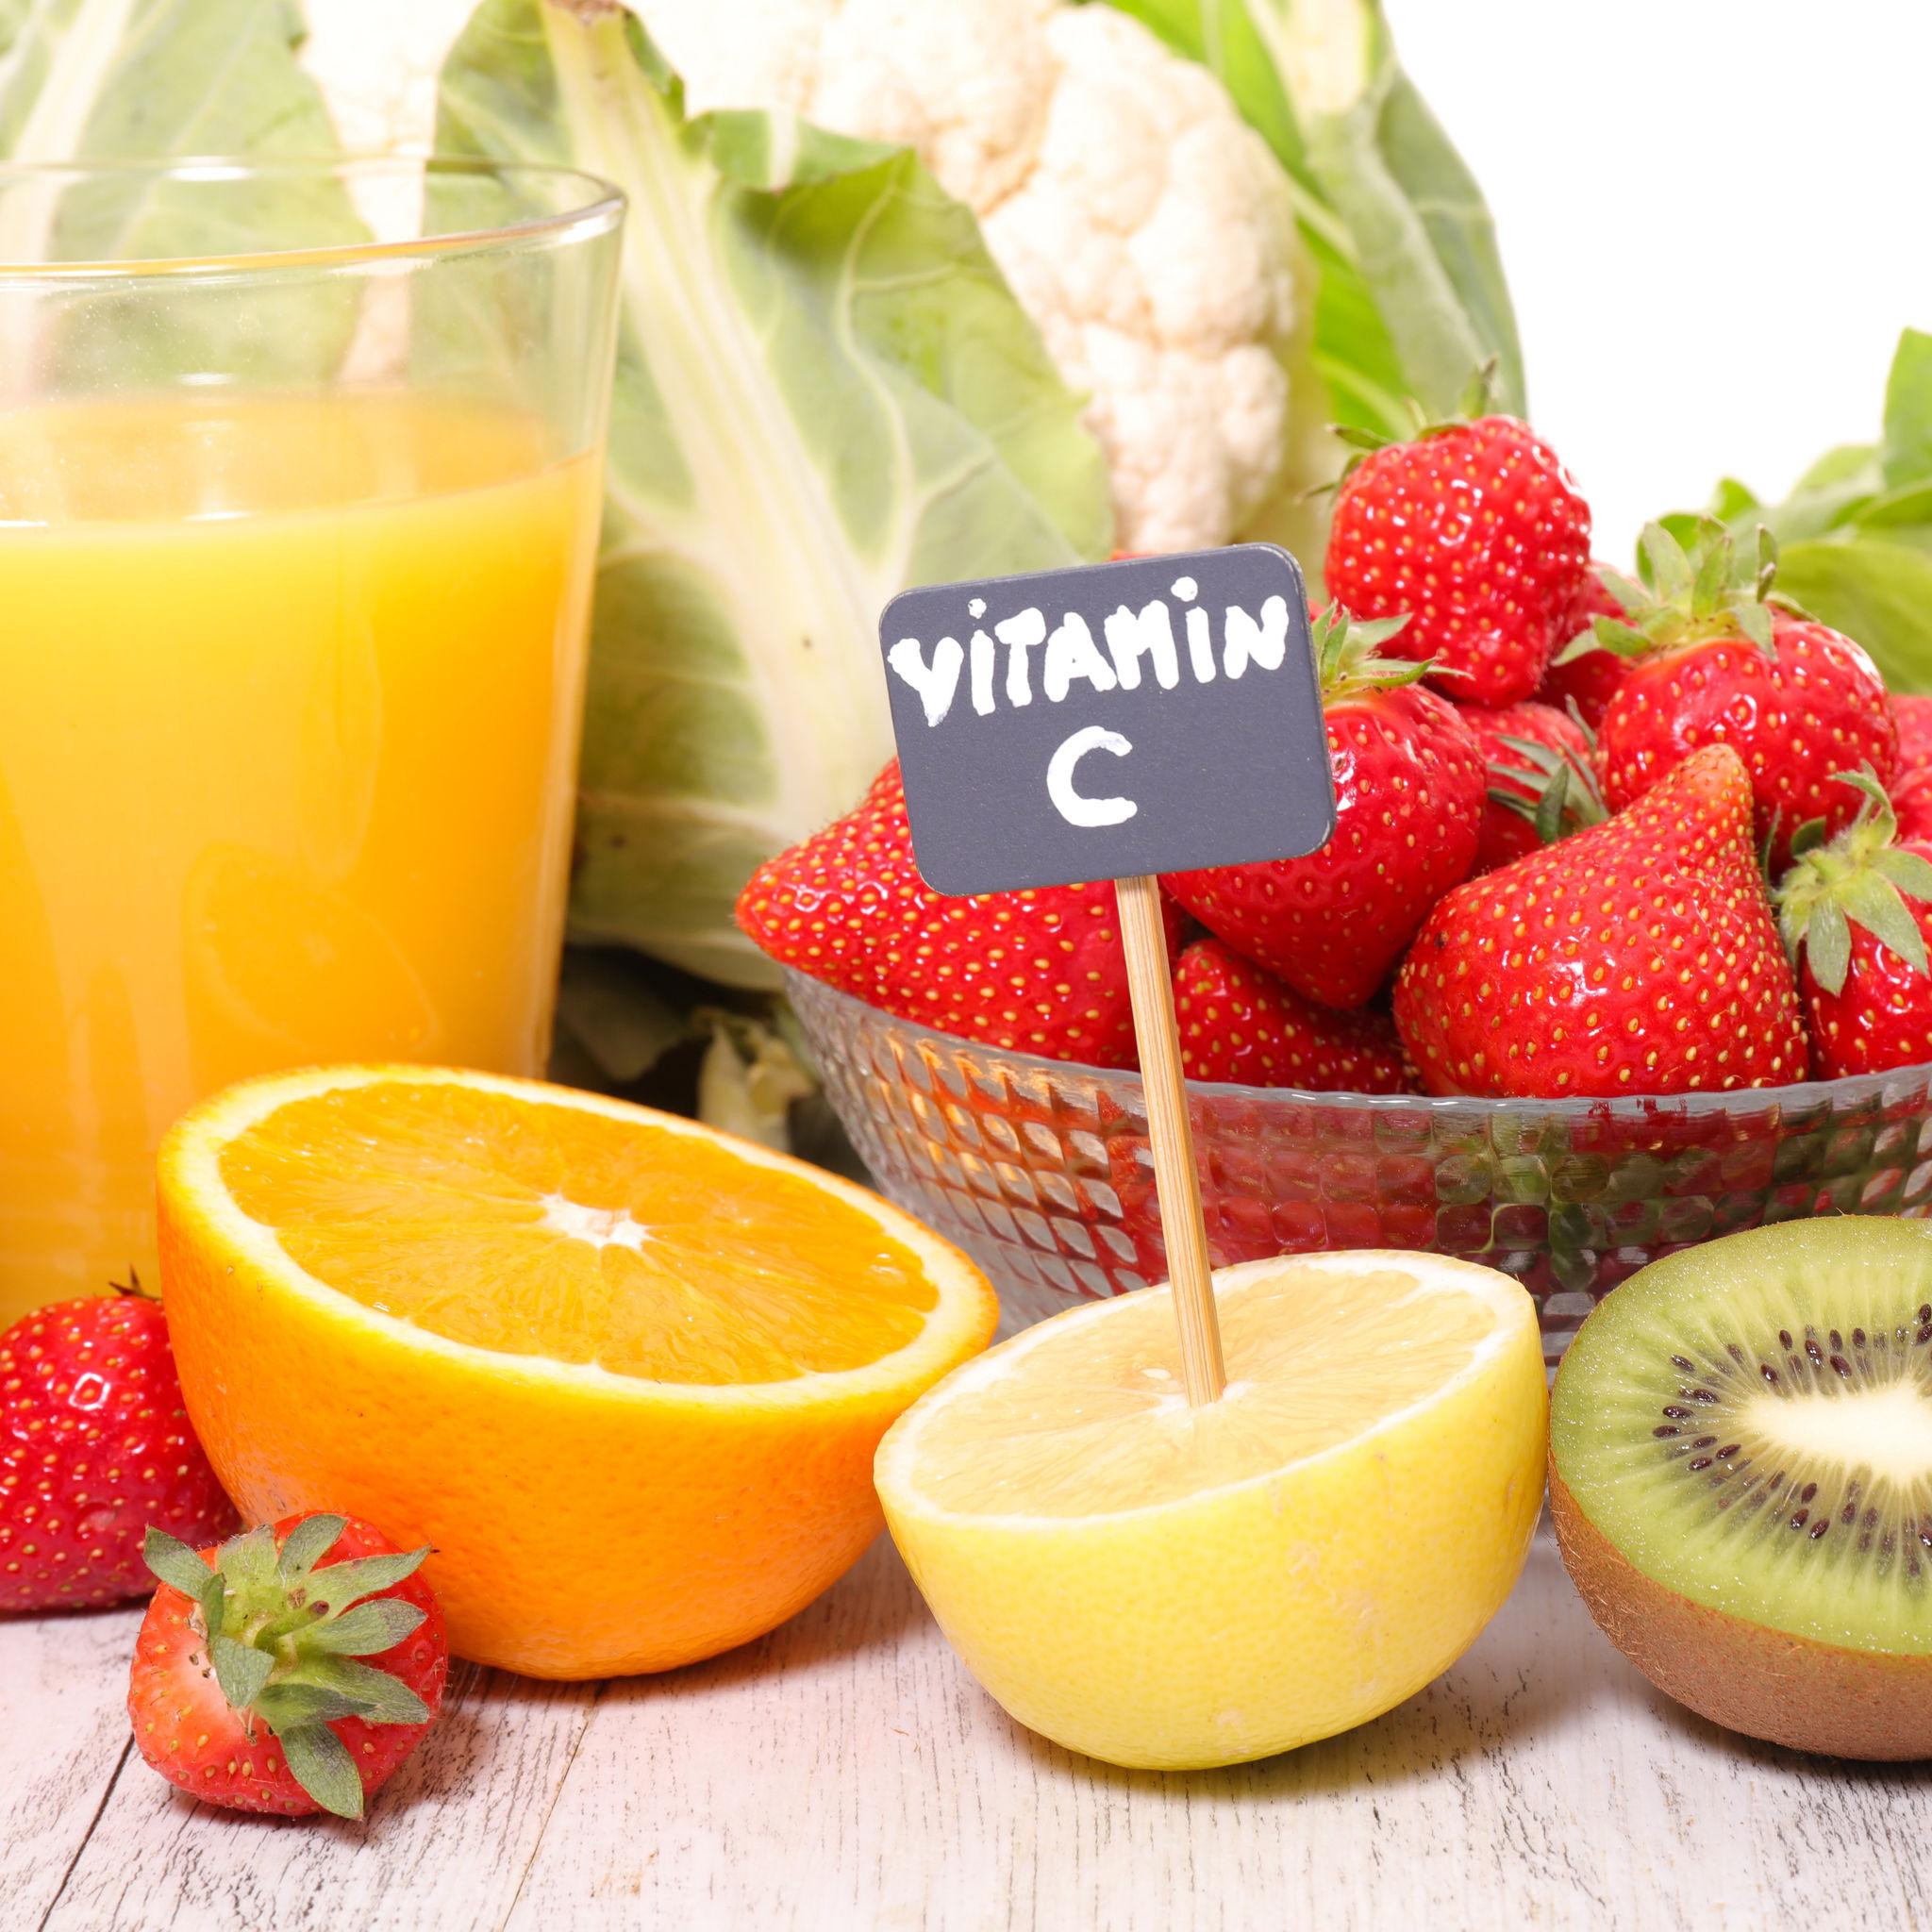 59383467 - vitamin c, assorted fruit